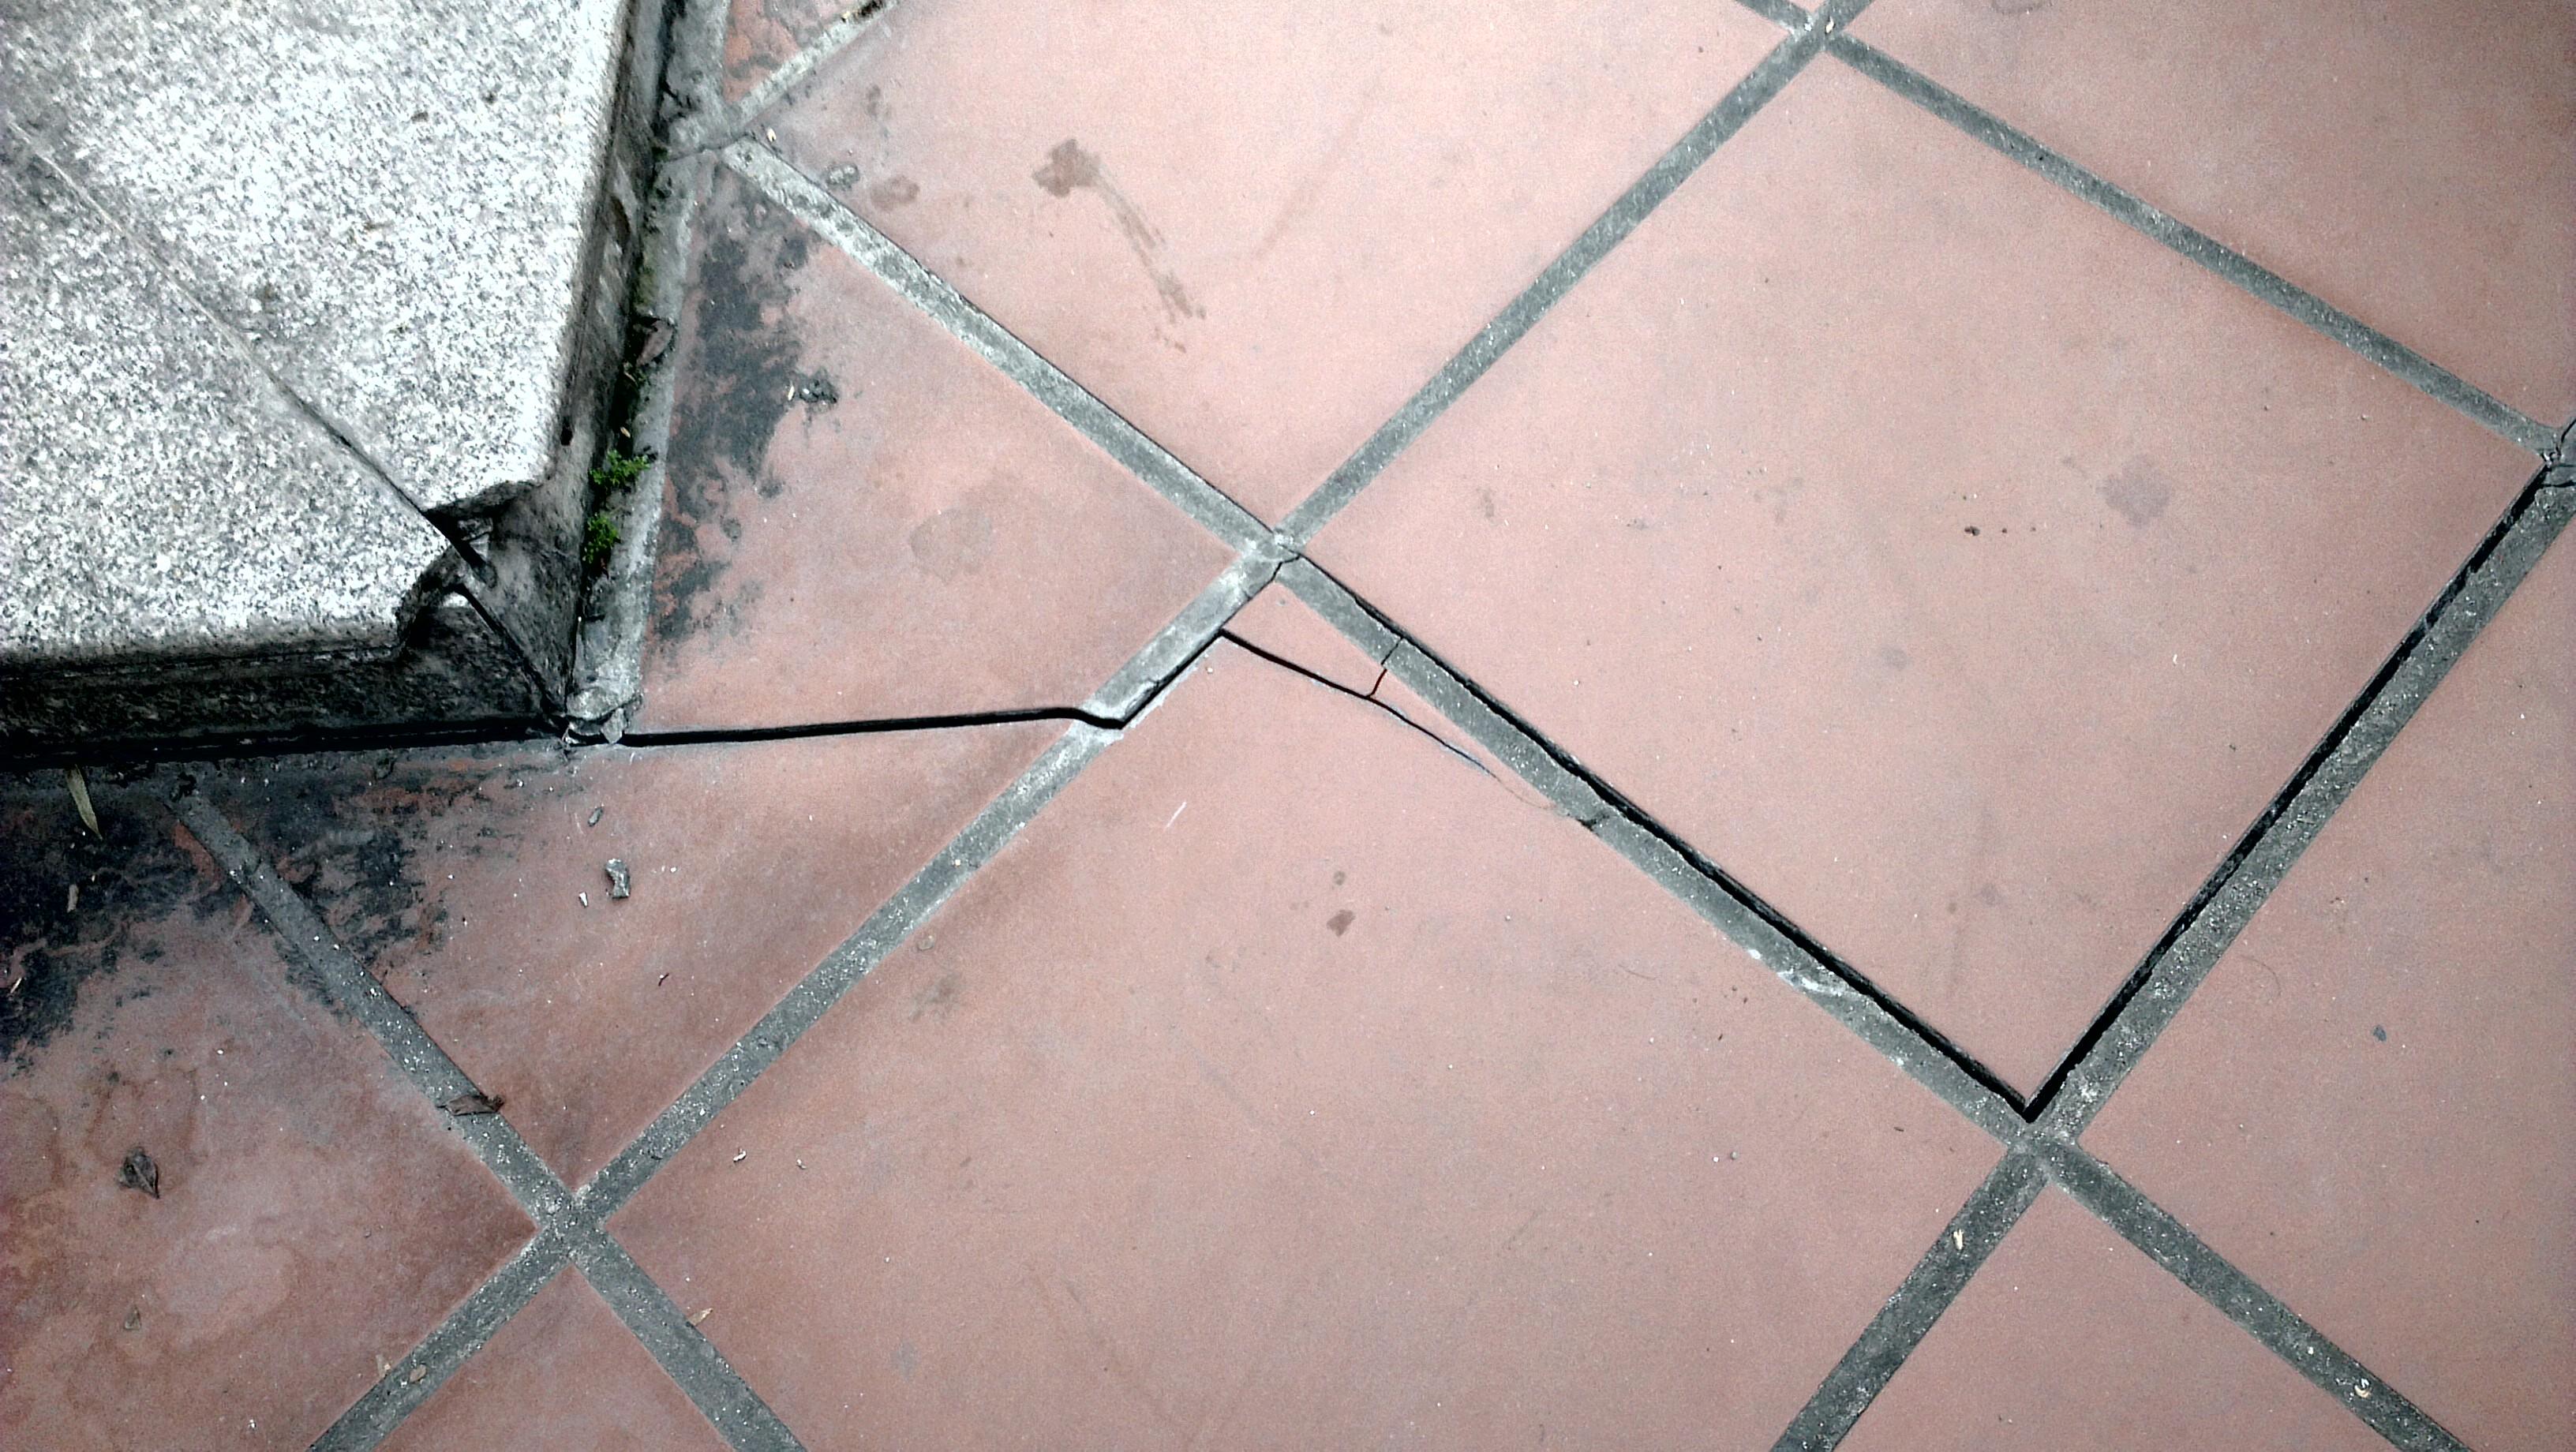 Lại xuất hiện sạt lún tại Cẩm Phả, di dời khẩn cấp 17 hộ dân 1